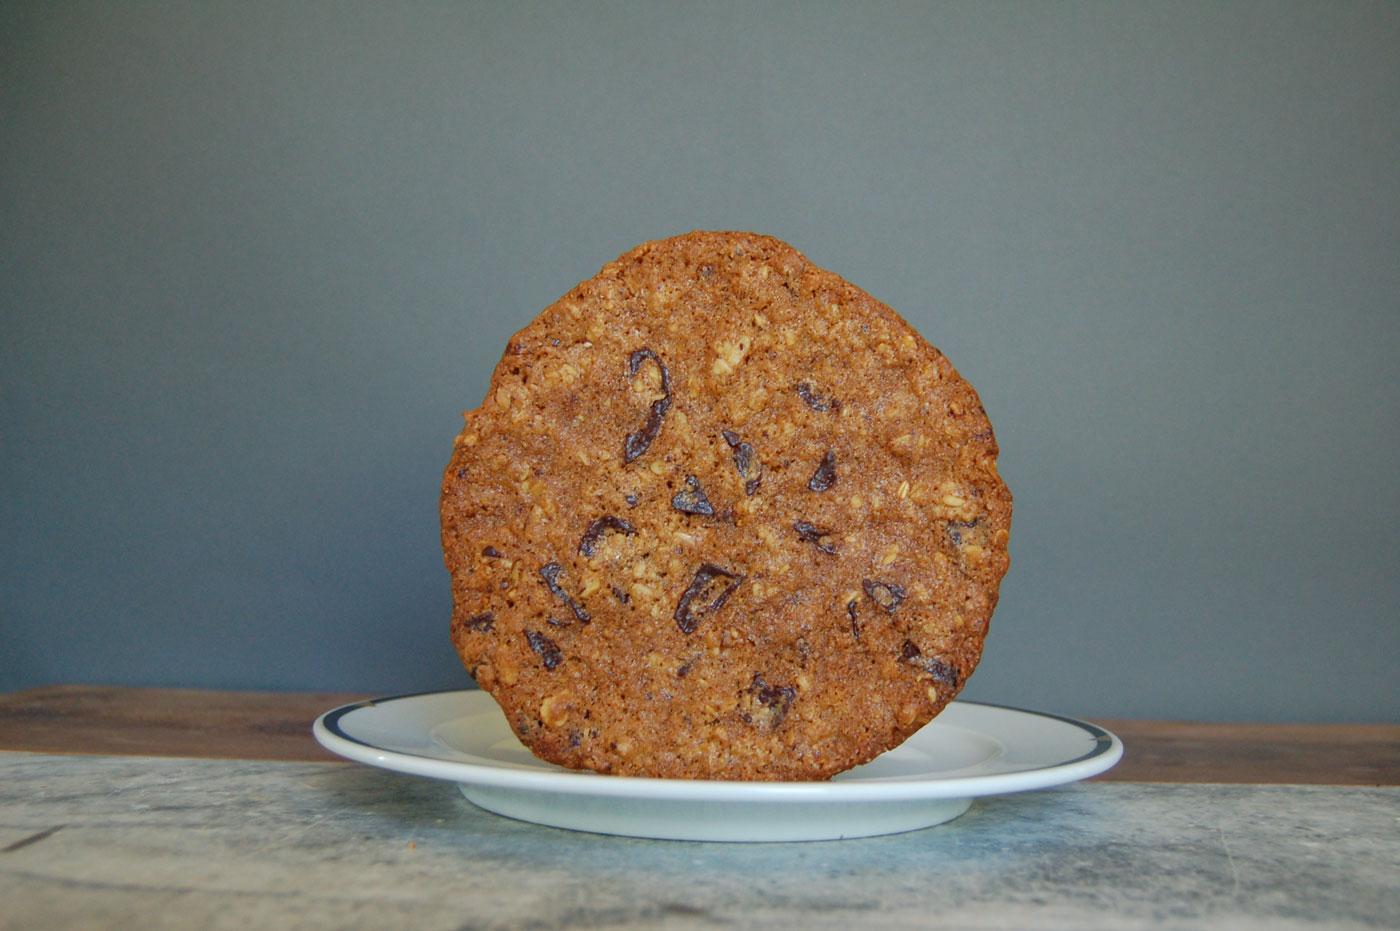 Tartine's Chocolate Chip cookie